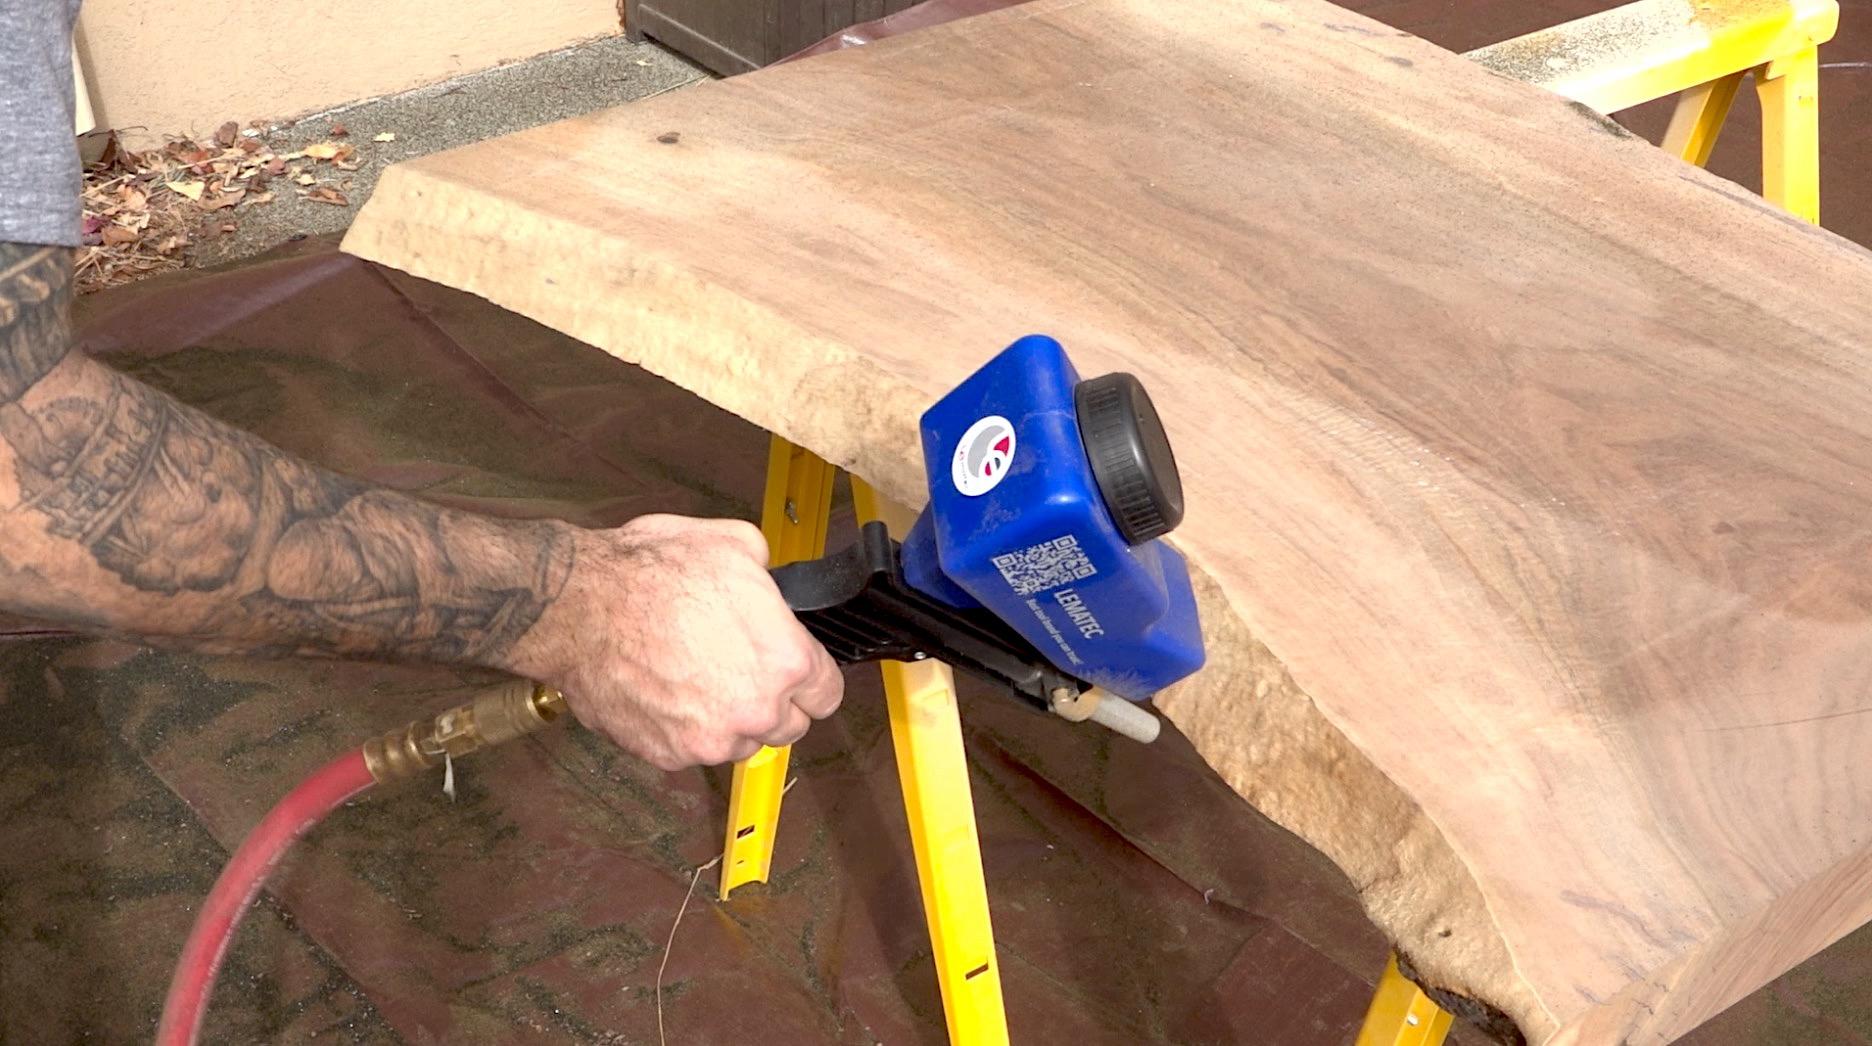 Ponceuse Pour Poutre Bois sabler du bois : avec quoi réaliser le sablage ?